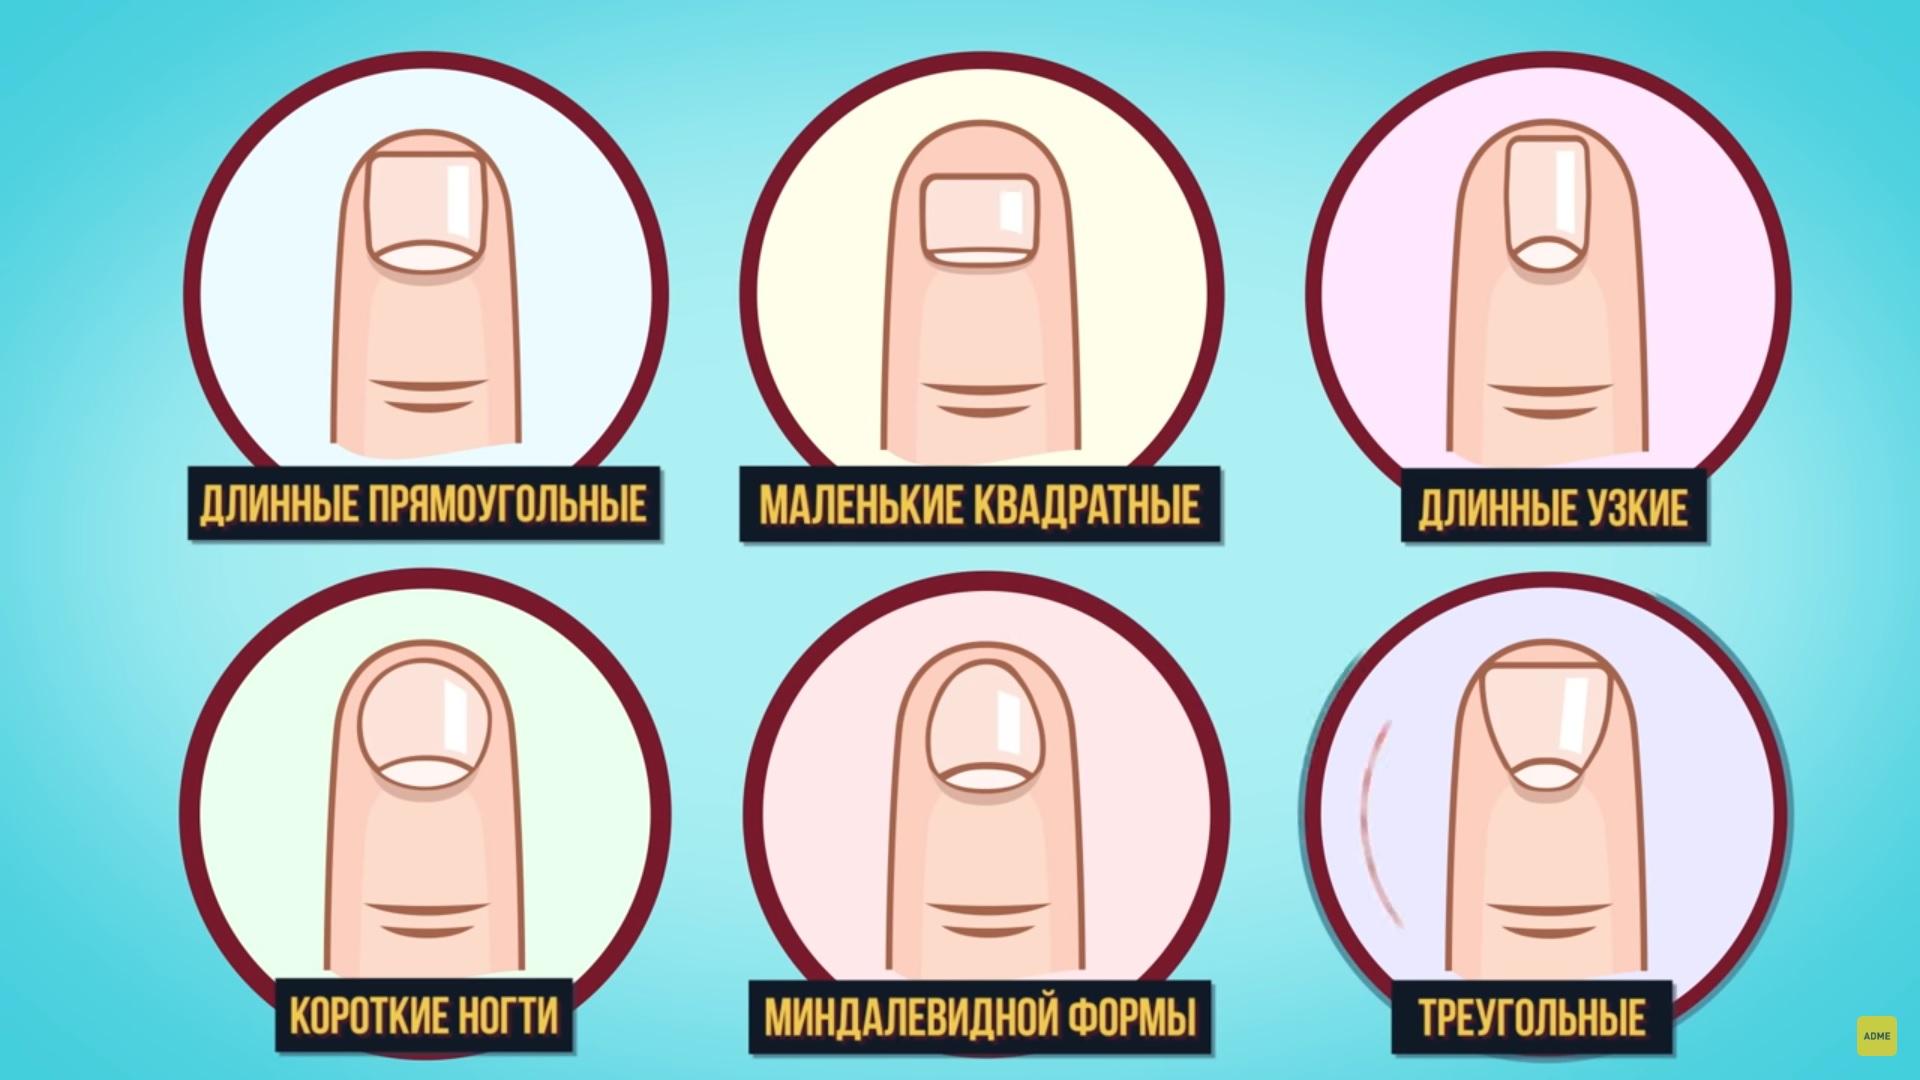 Тест: Какая у вас форма ногтей ? — Узнай о себе !